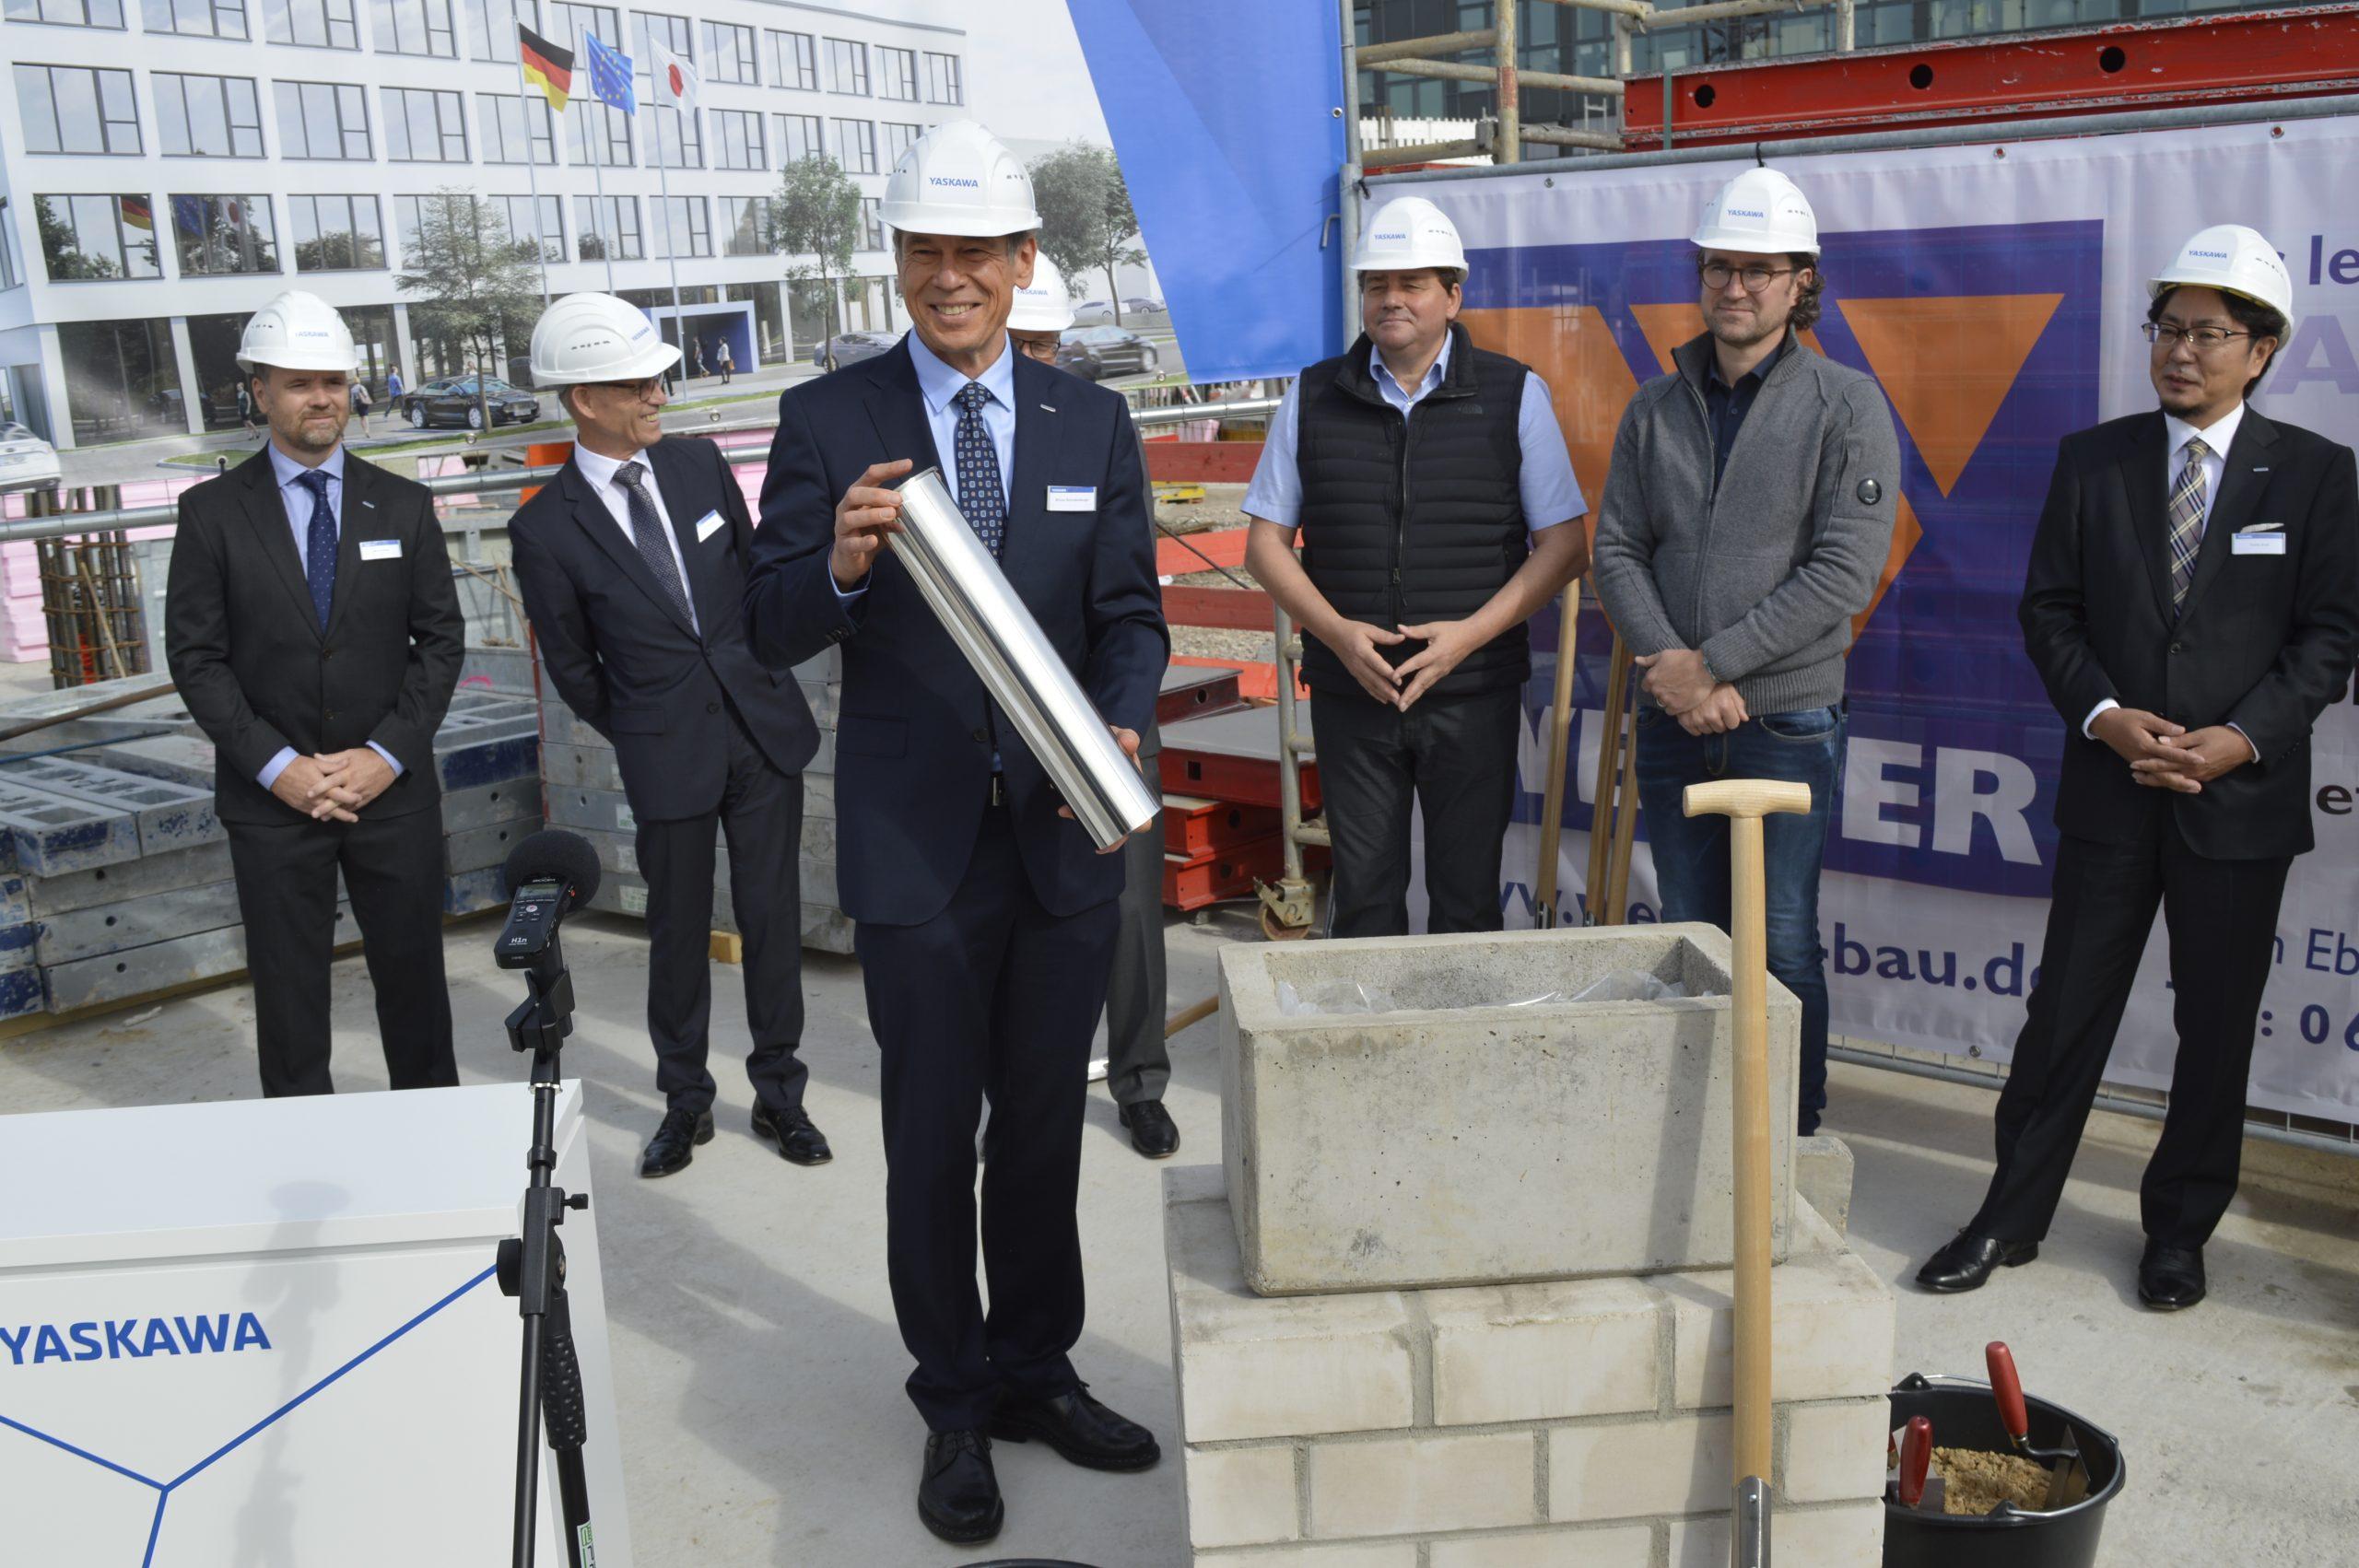 Yaskawa: Neue Europa-Zentrale